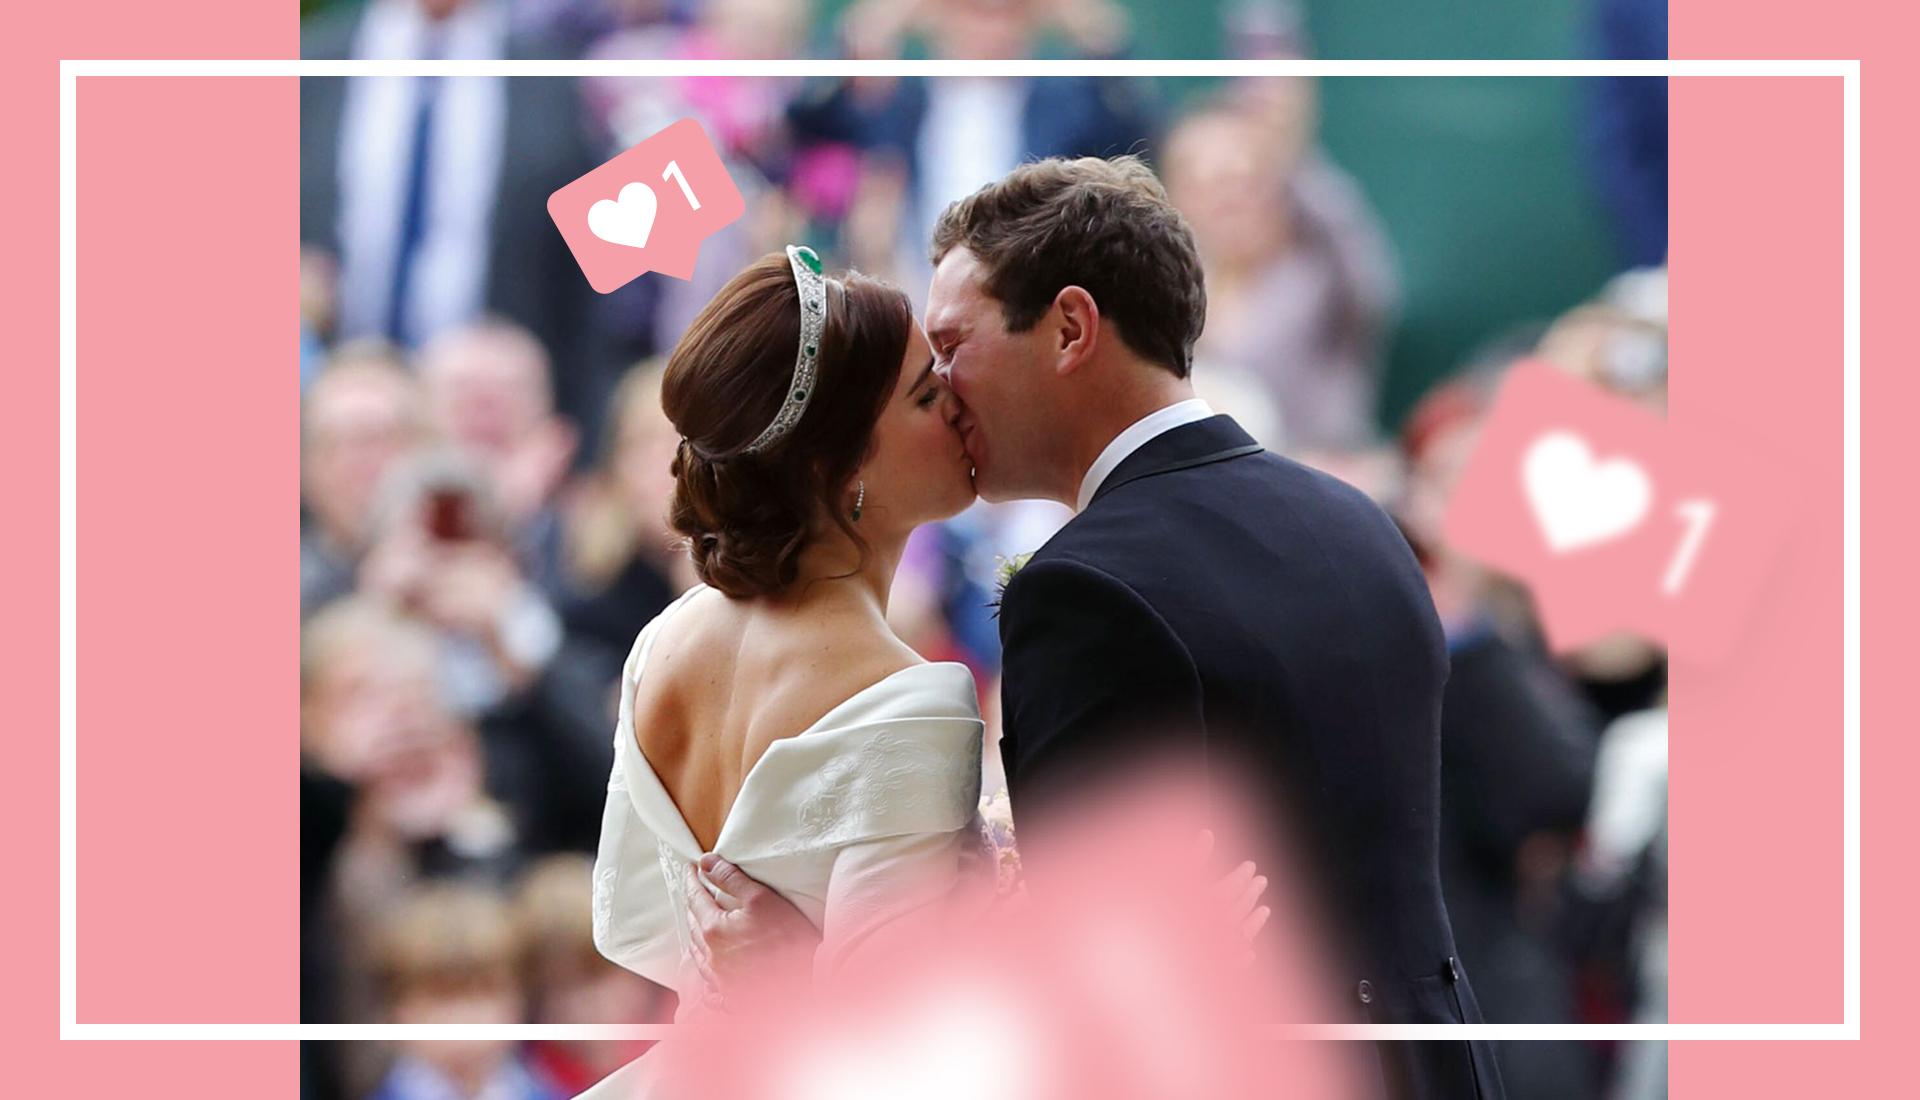 Lyst-Weddings-Celebs